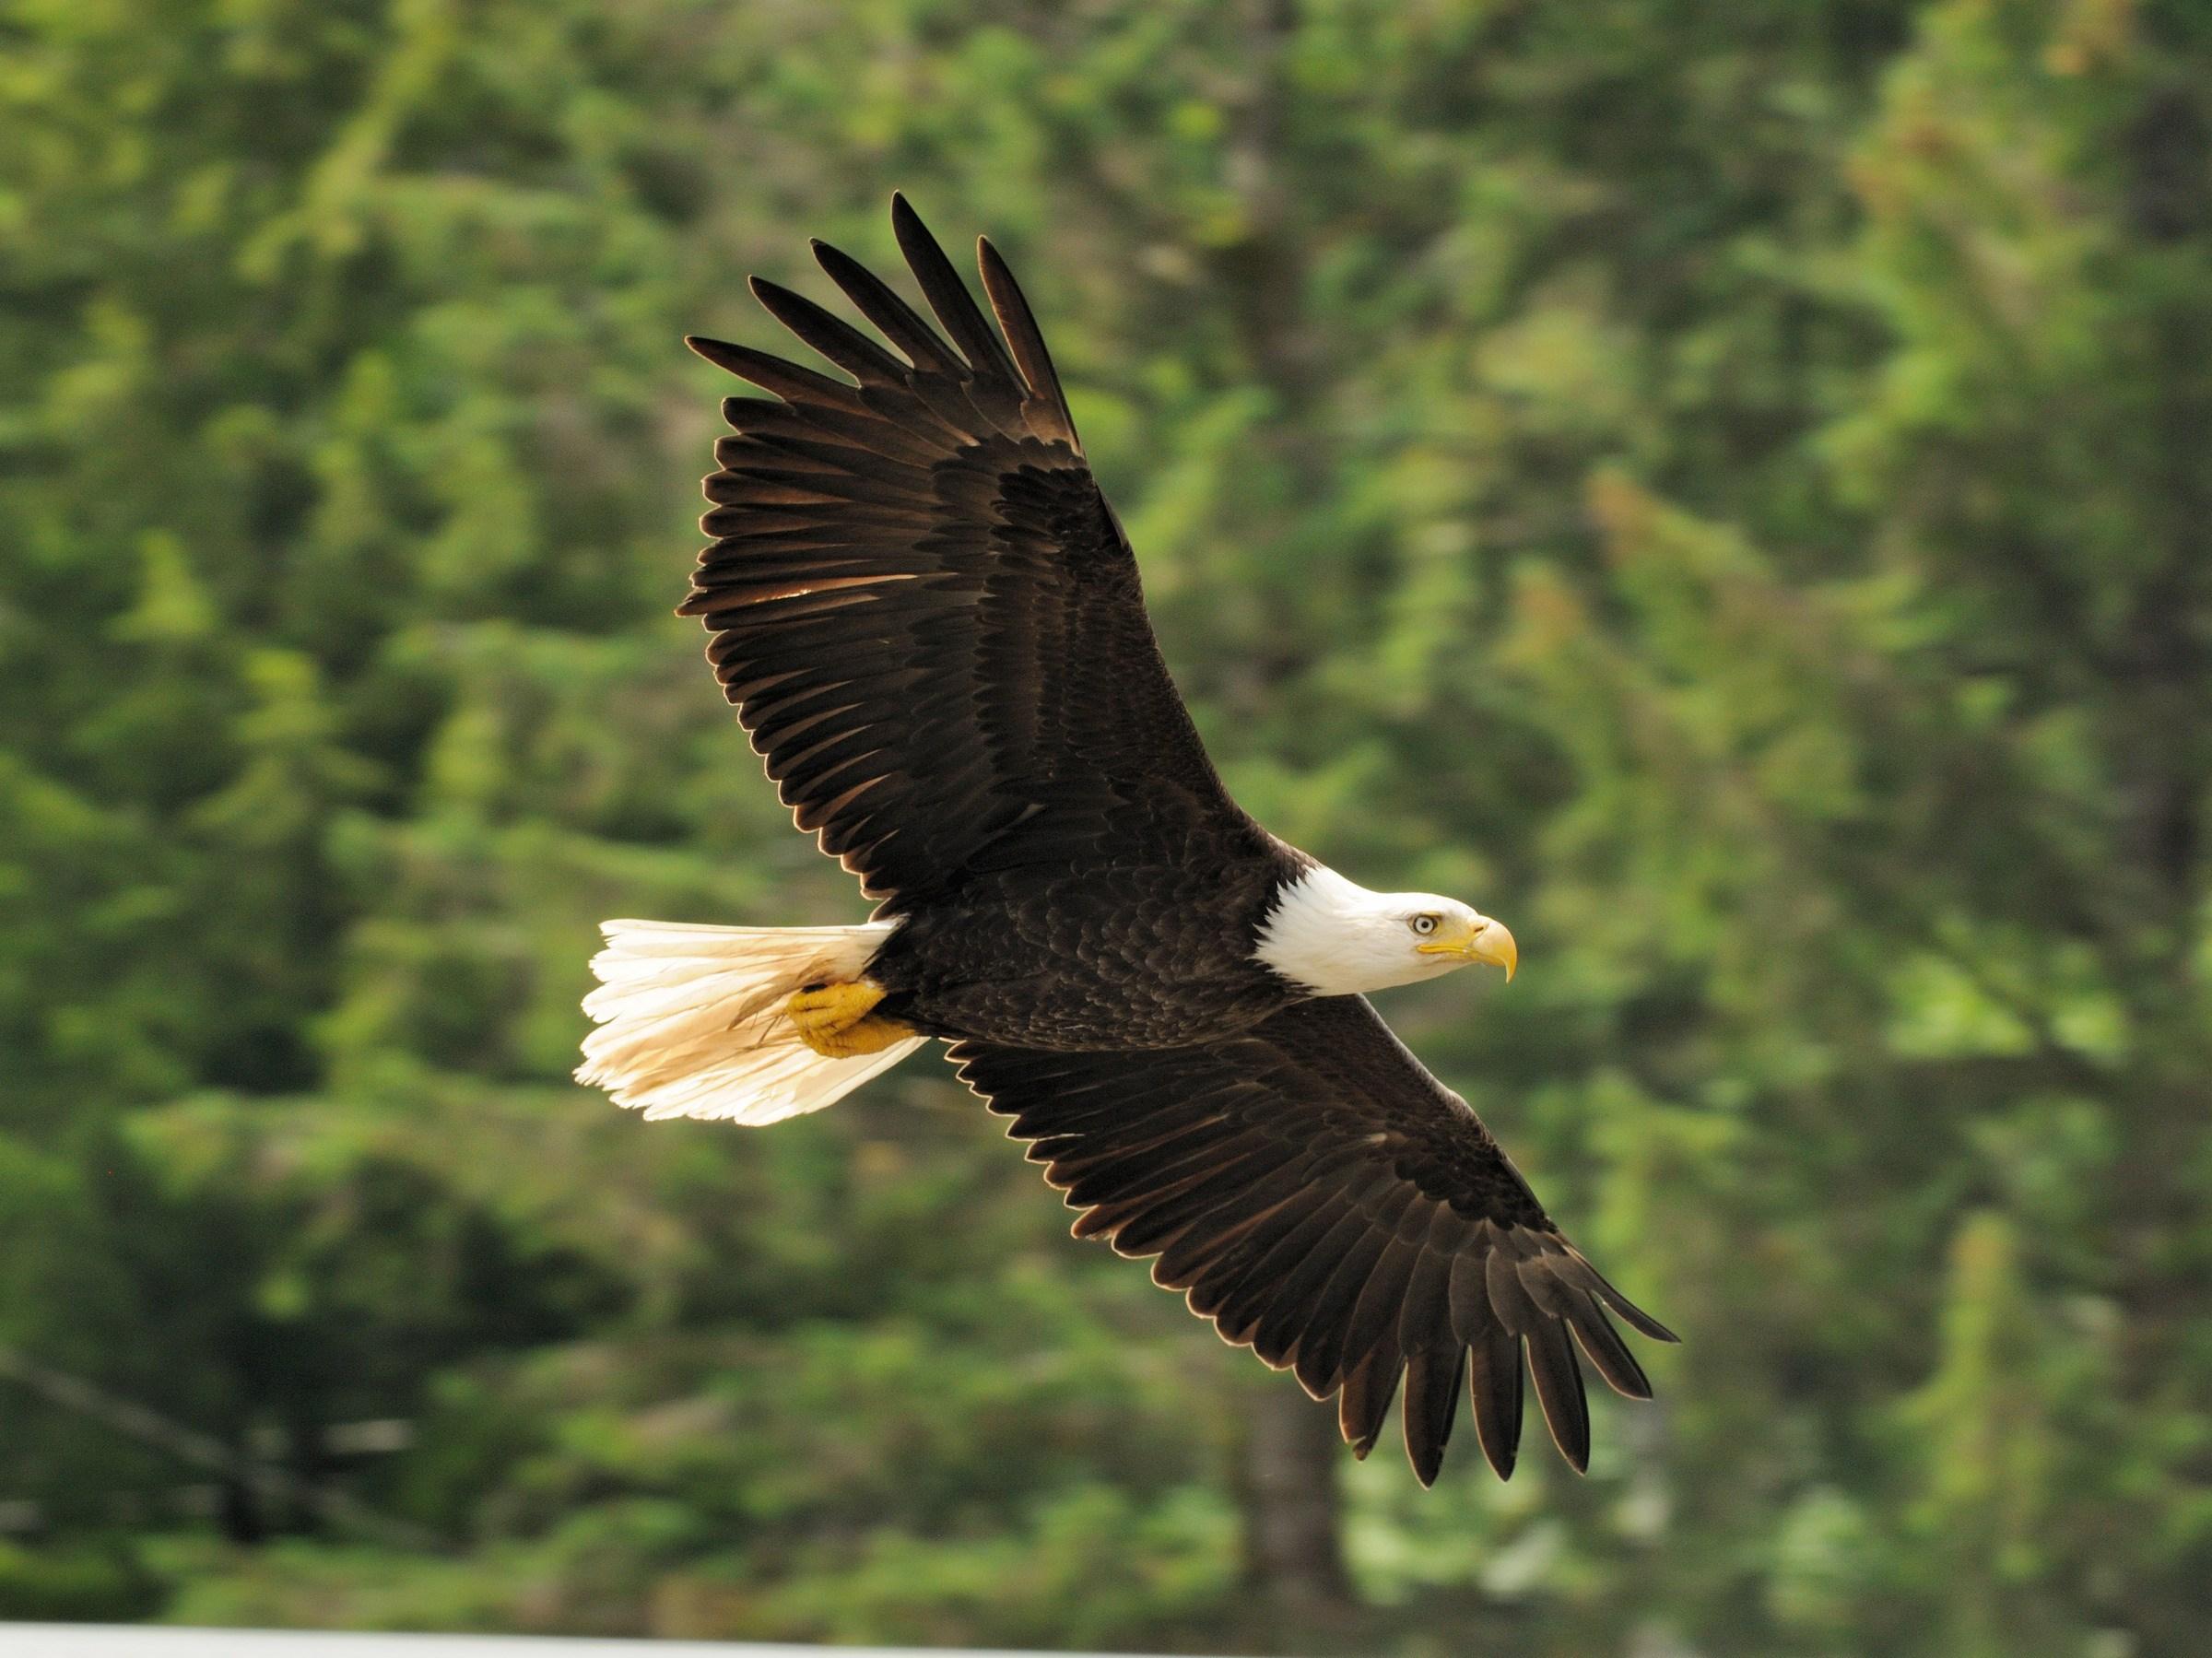 The Eagle Soaring